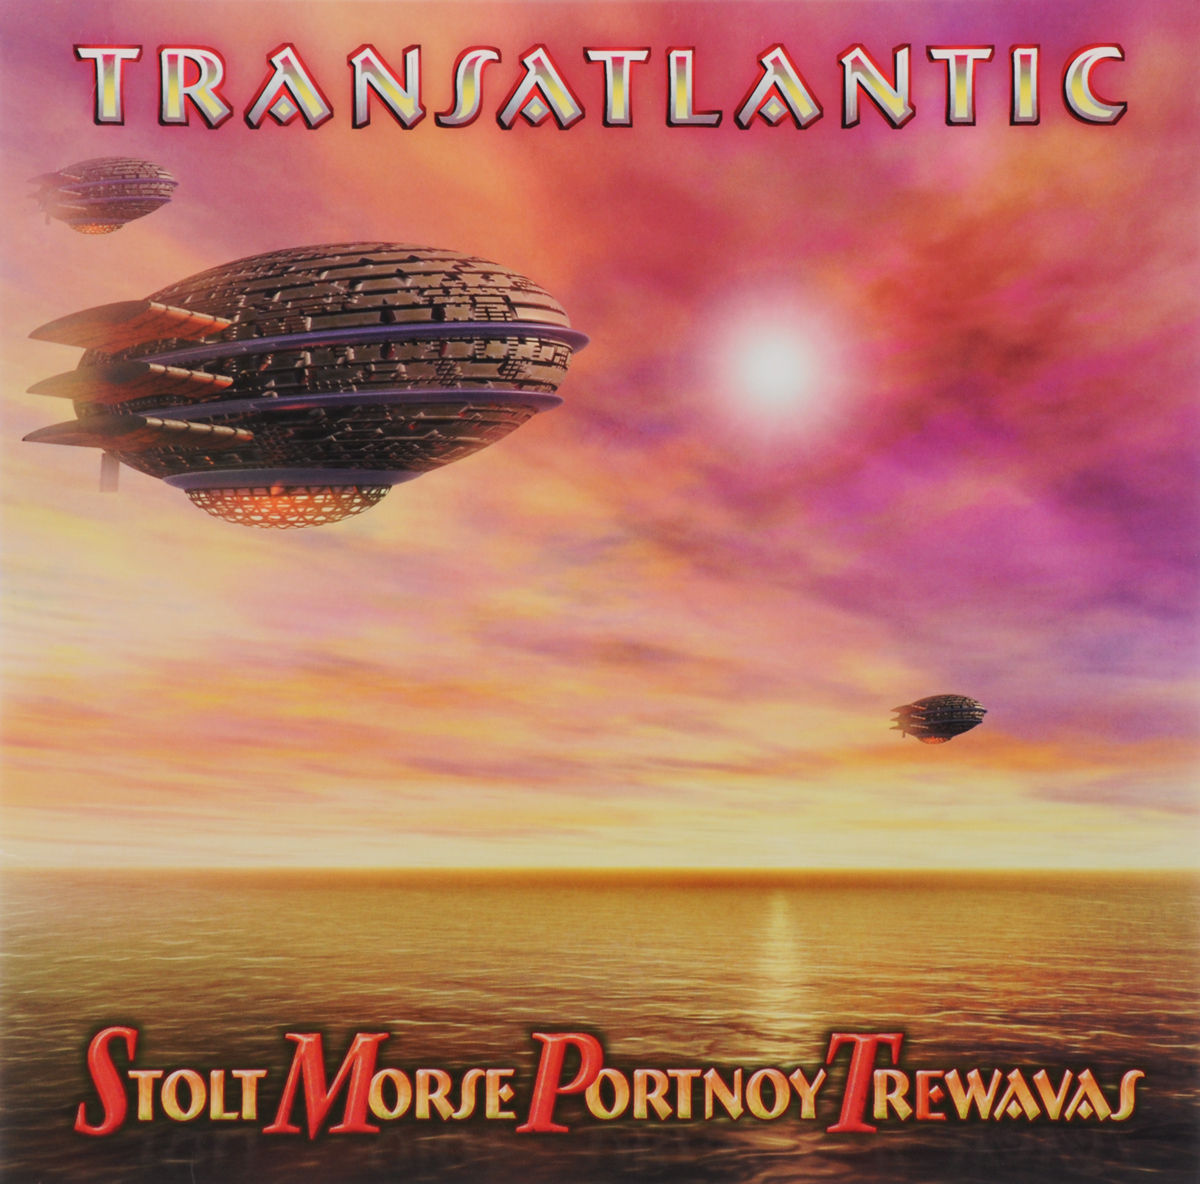 Transatlantic Transatlantic. Stolt Morse Portnoy Trewavas (2 LP) transatlantic transatlantic smpte 2 lp cd